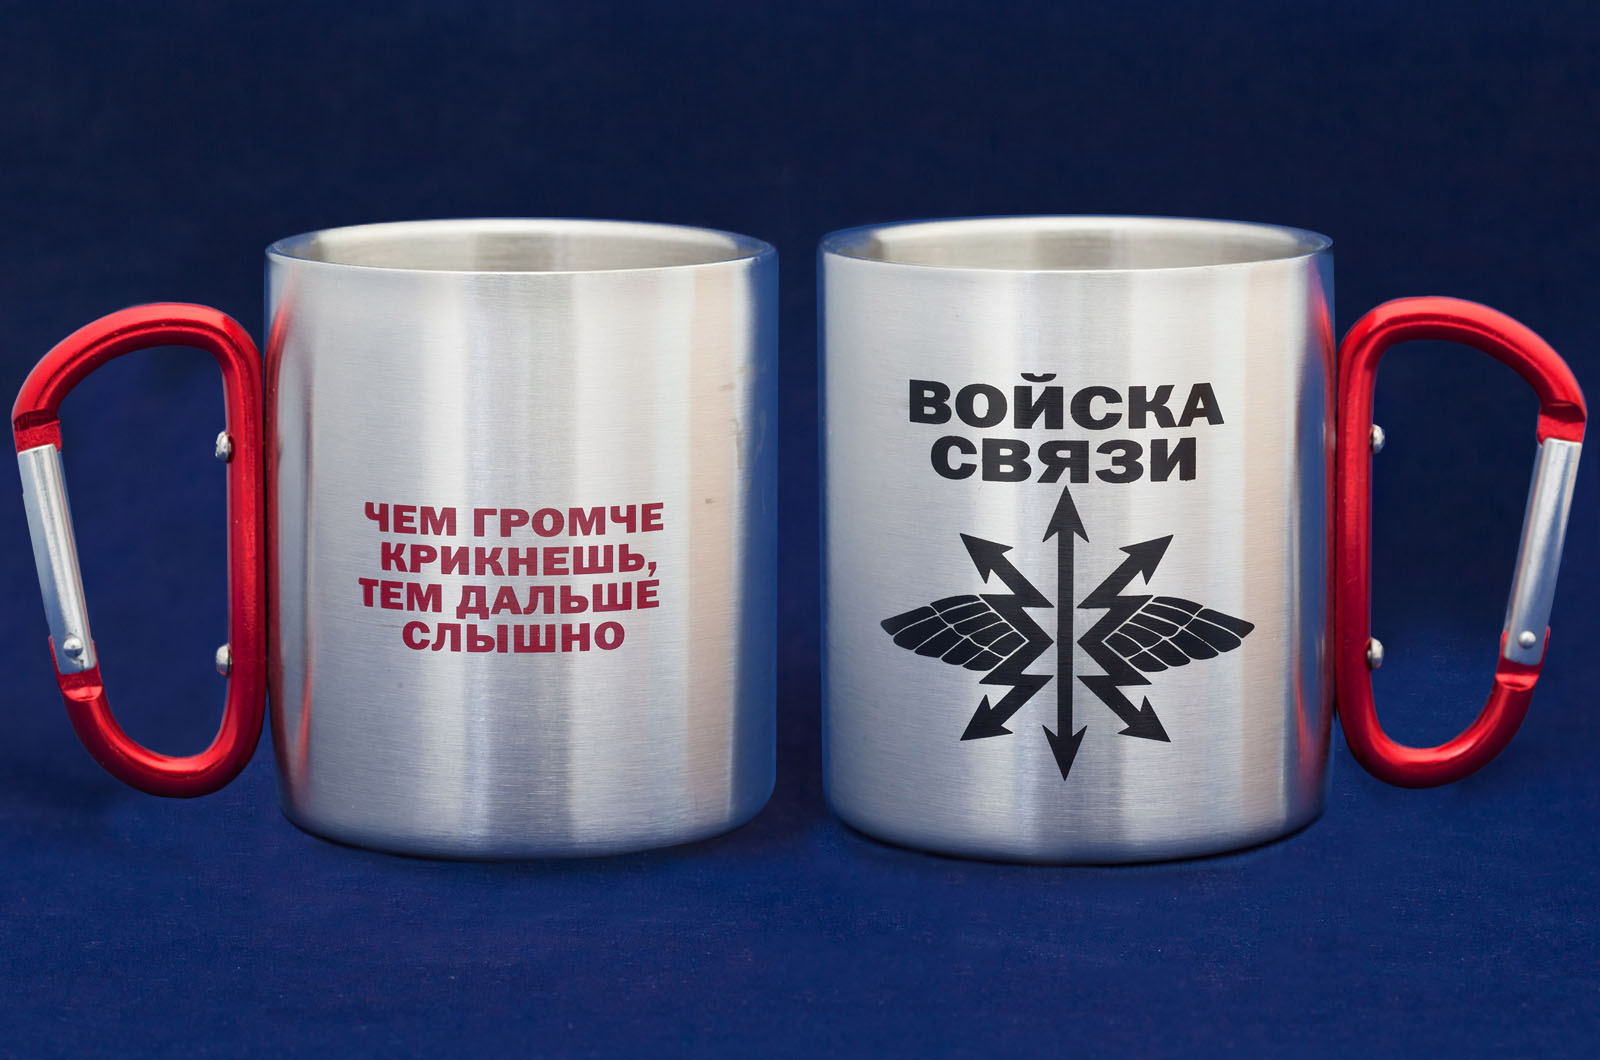 Походная кружка-подарок Войска Связи с карабином.